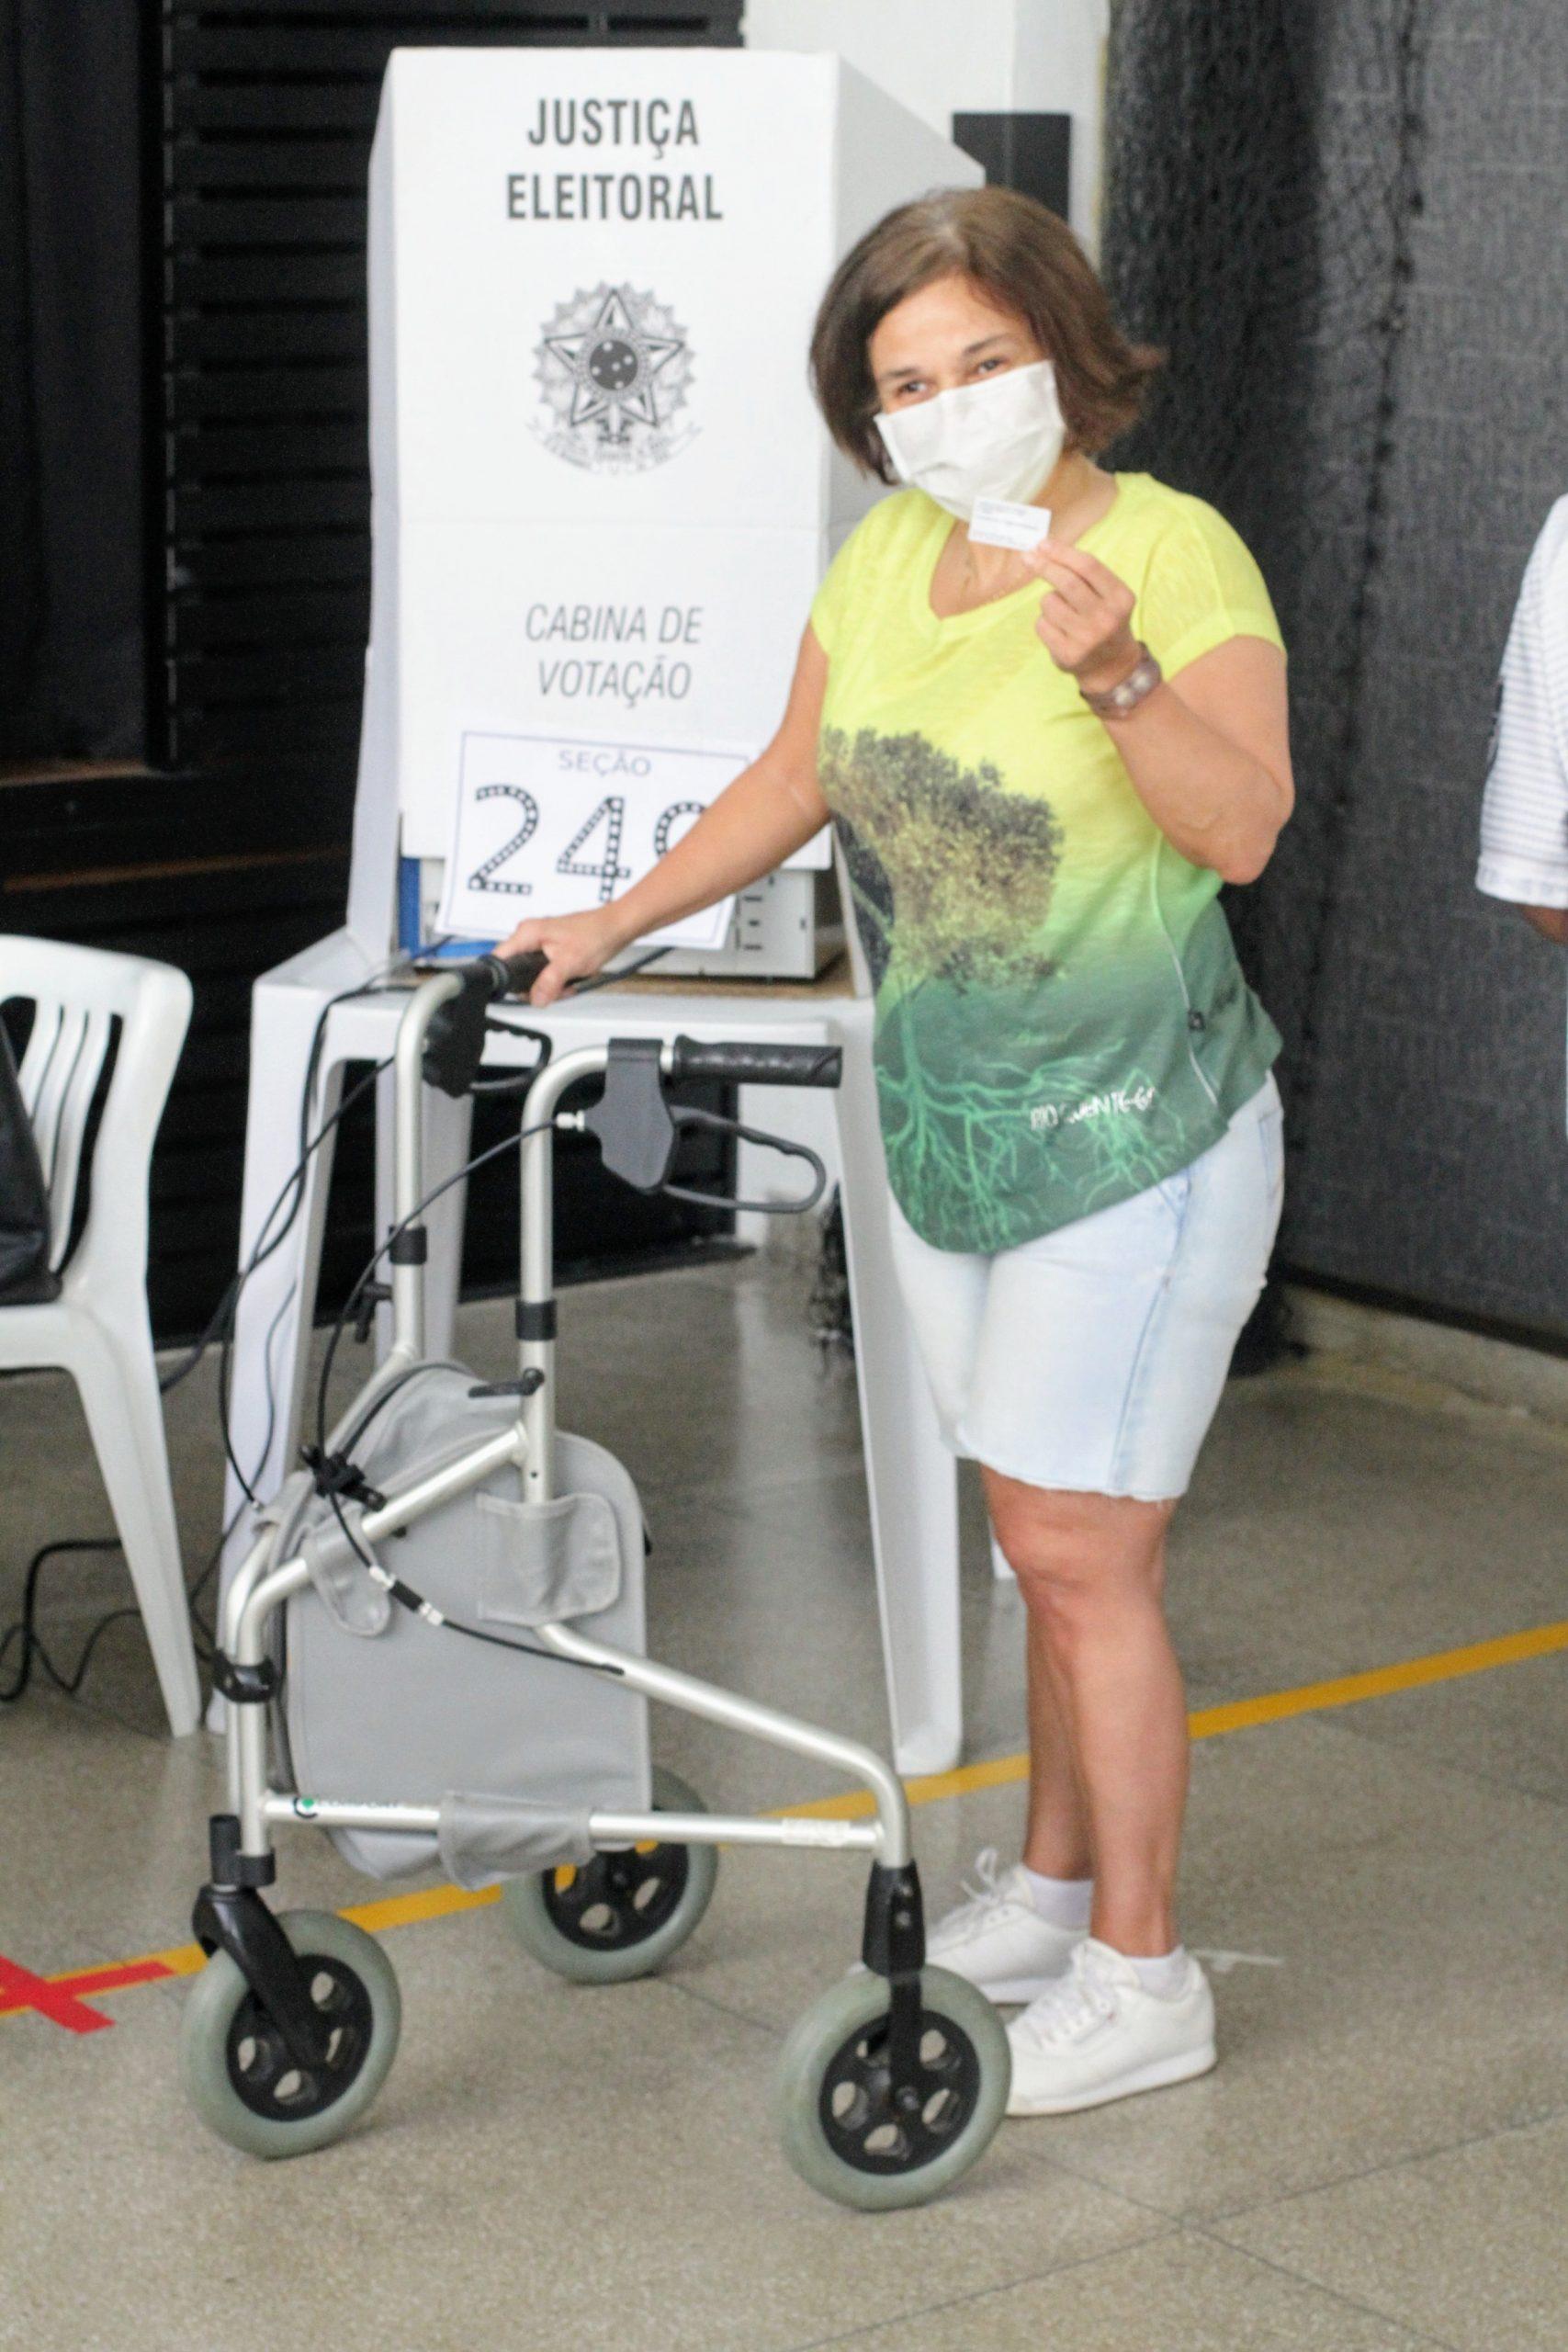 De andador, Claudia Rodrigues vota no Rio de Janeiro